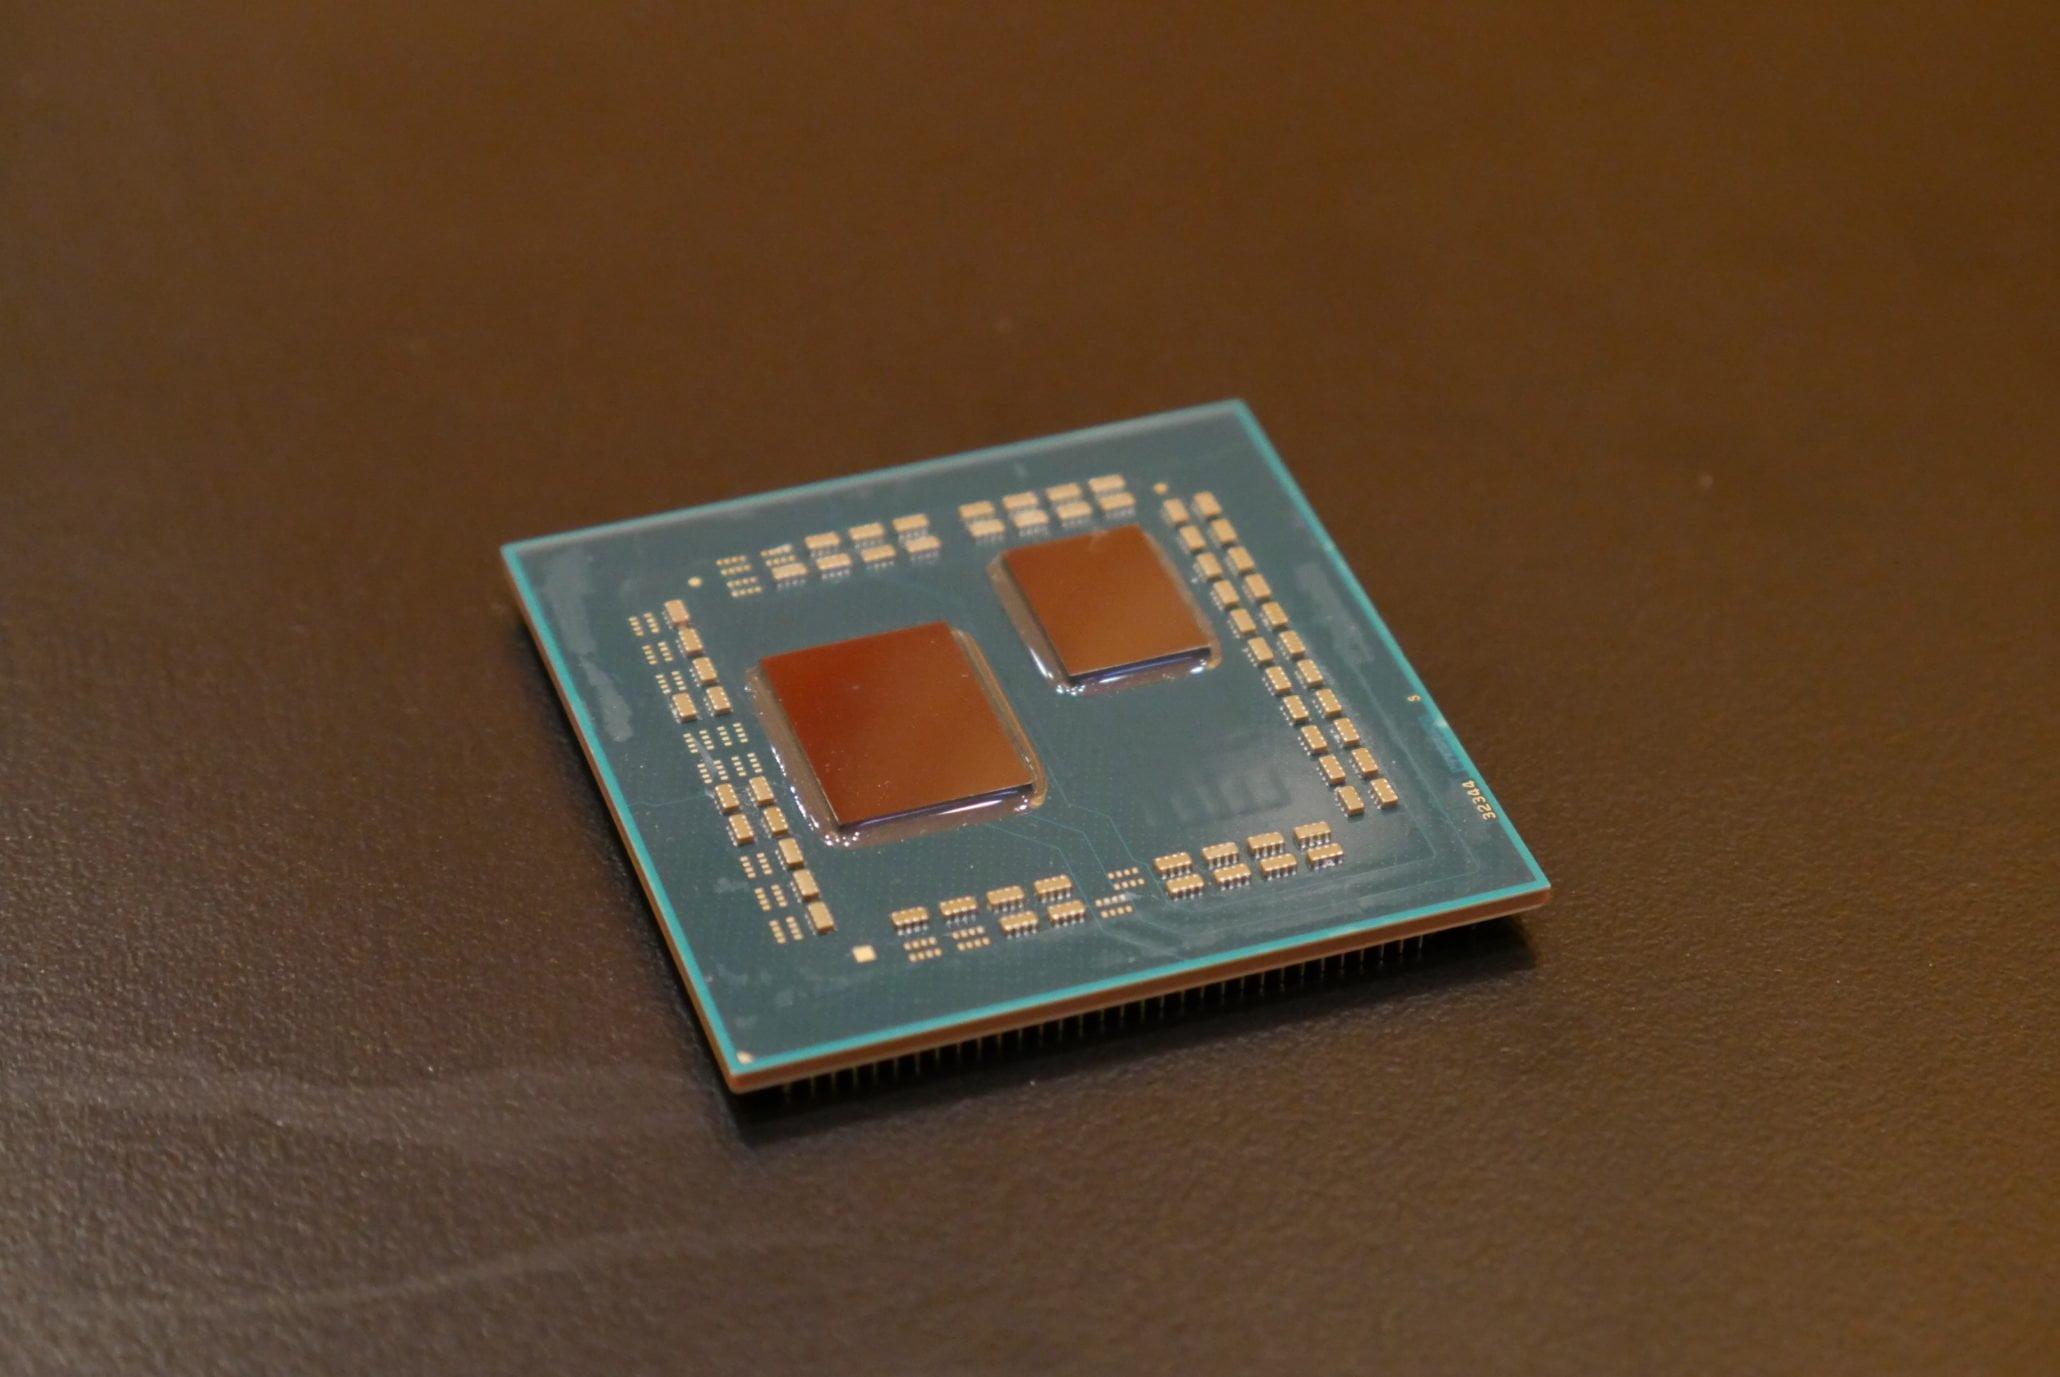 بنچمارکی از پردازنده 12 هستهای AMD Zen 2 لیک شد؛ سریعتر از Threadripper 1920X